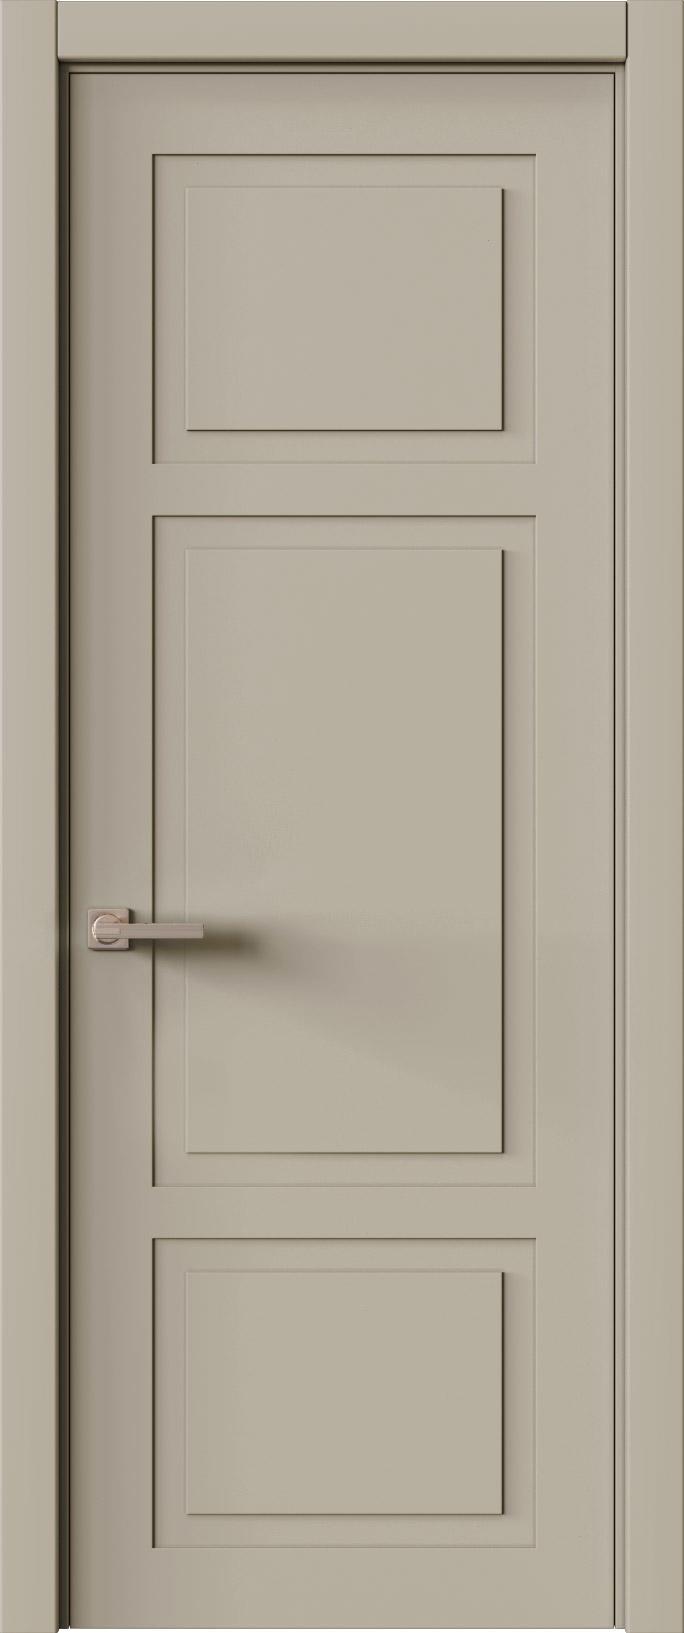 Tivoli К-5 цвет - Серо-оливковая эмаль (RAL 7032) Без стекла (ДГ)